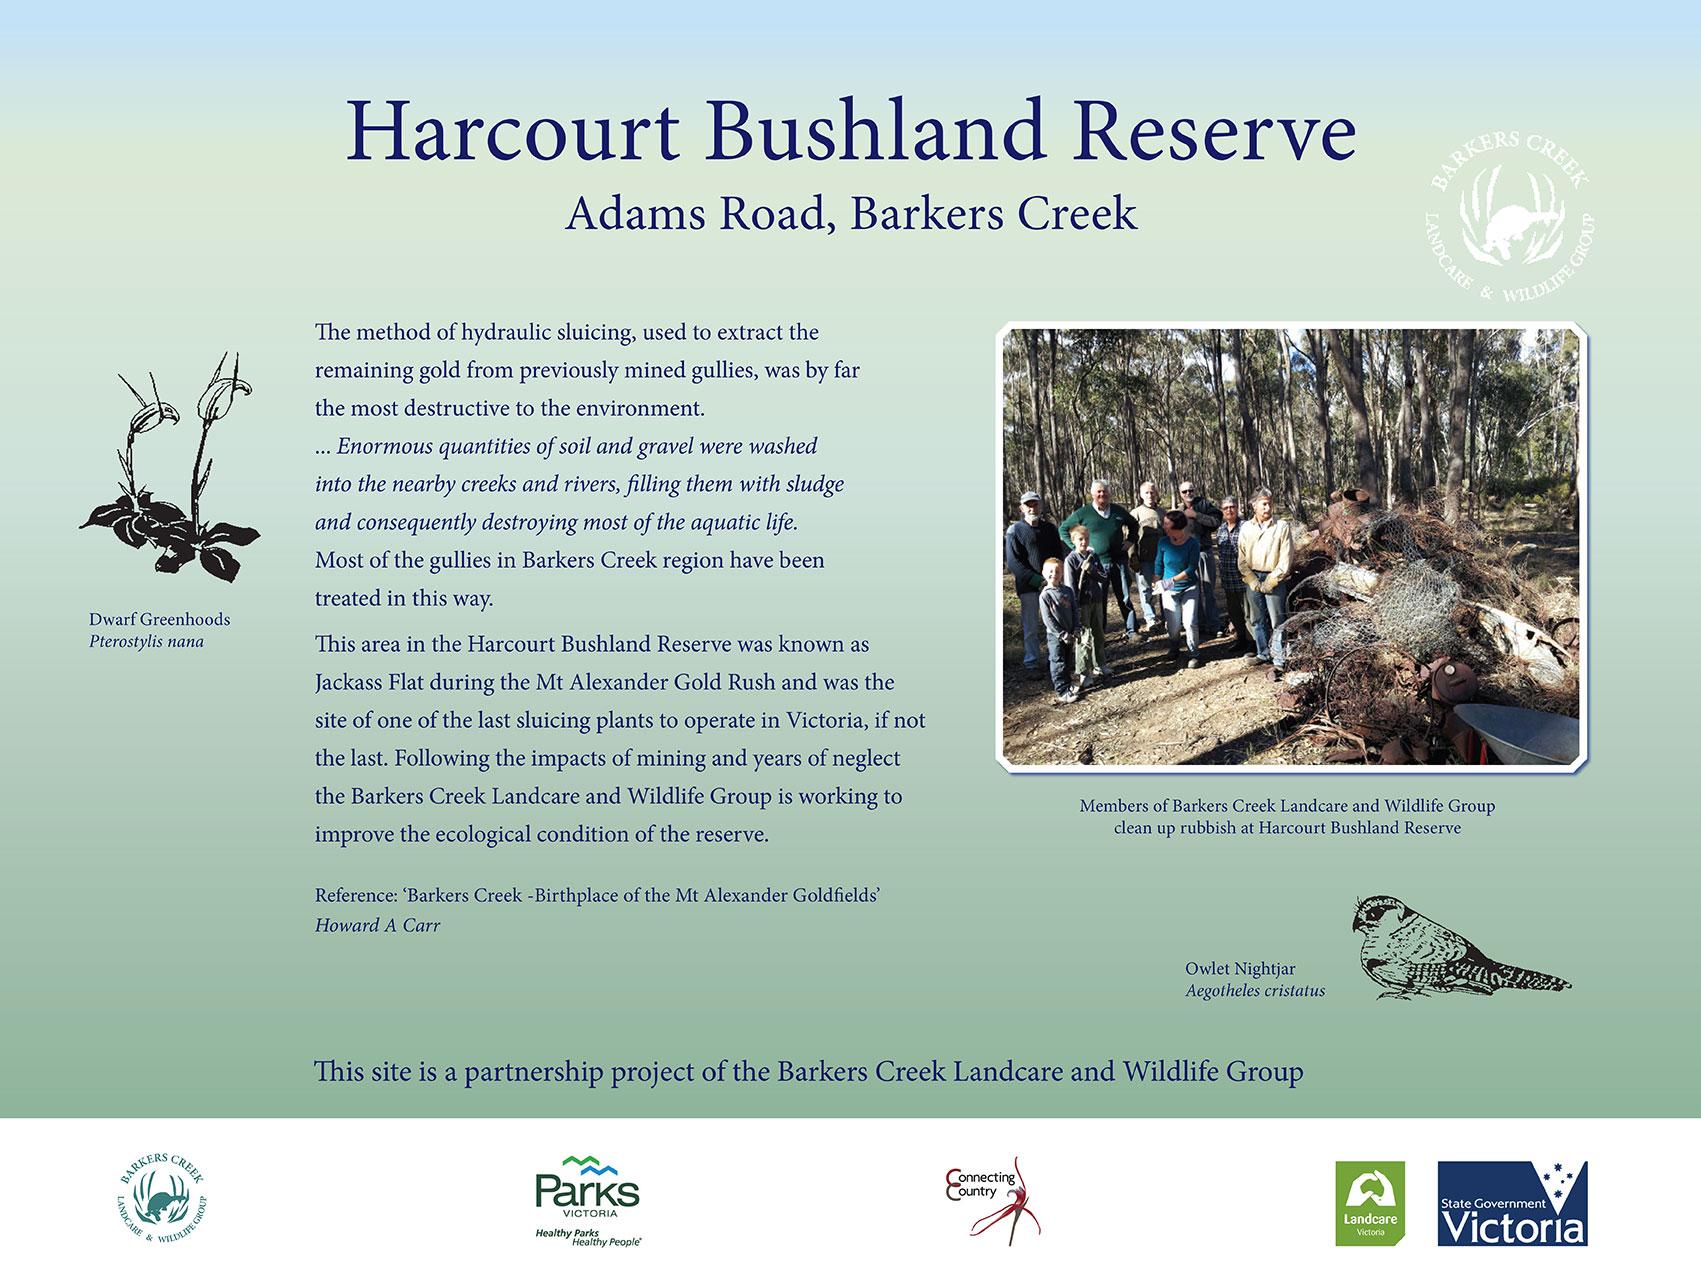 Signage at Harcourt Bushland Reserve